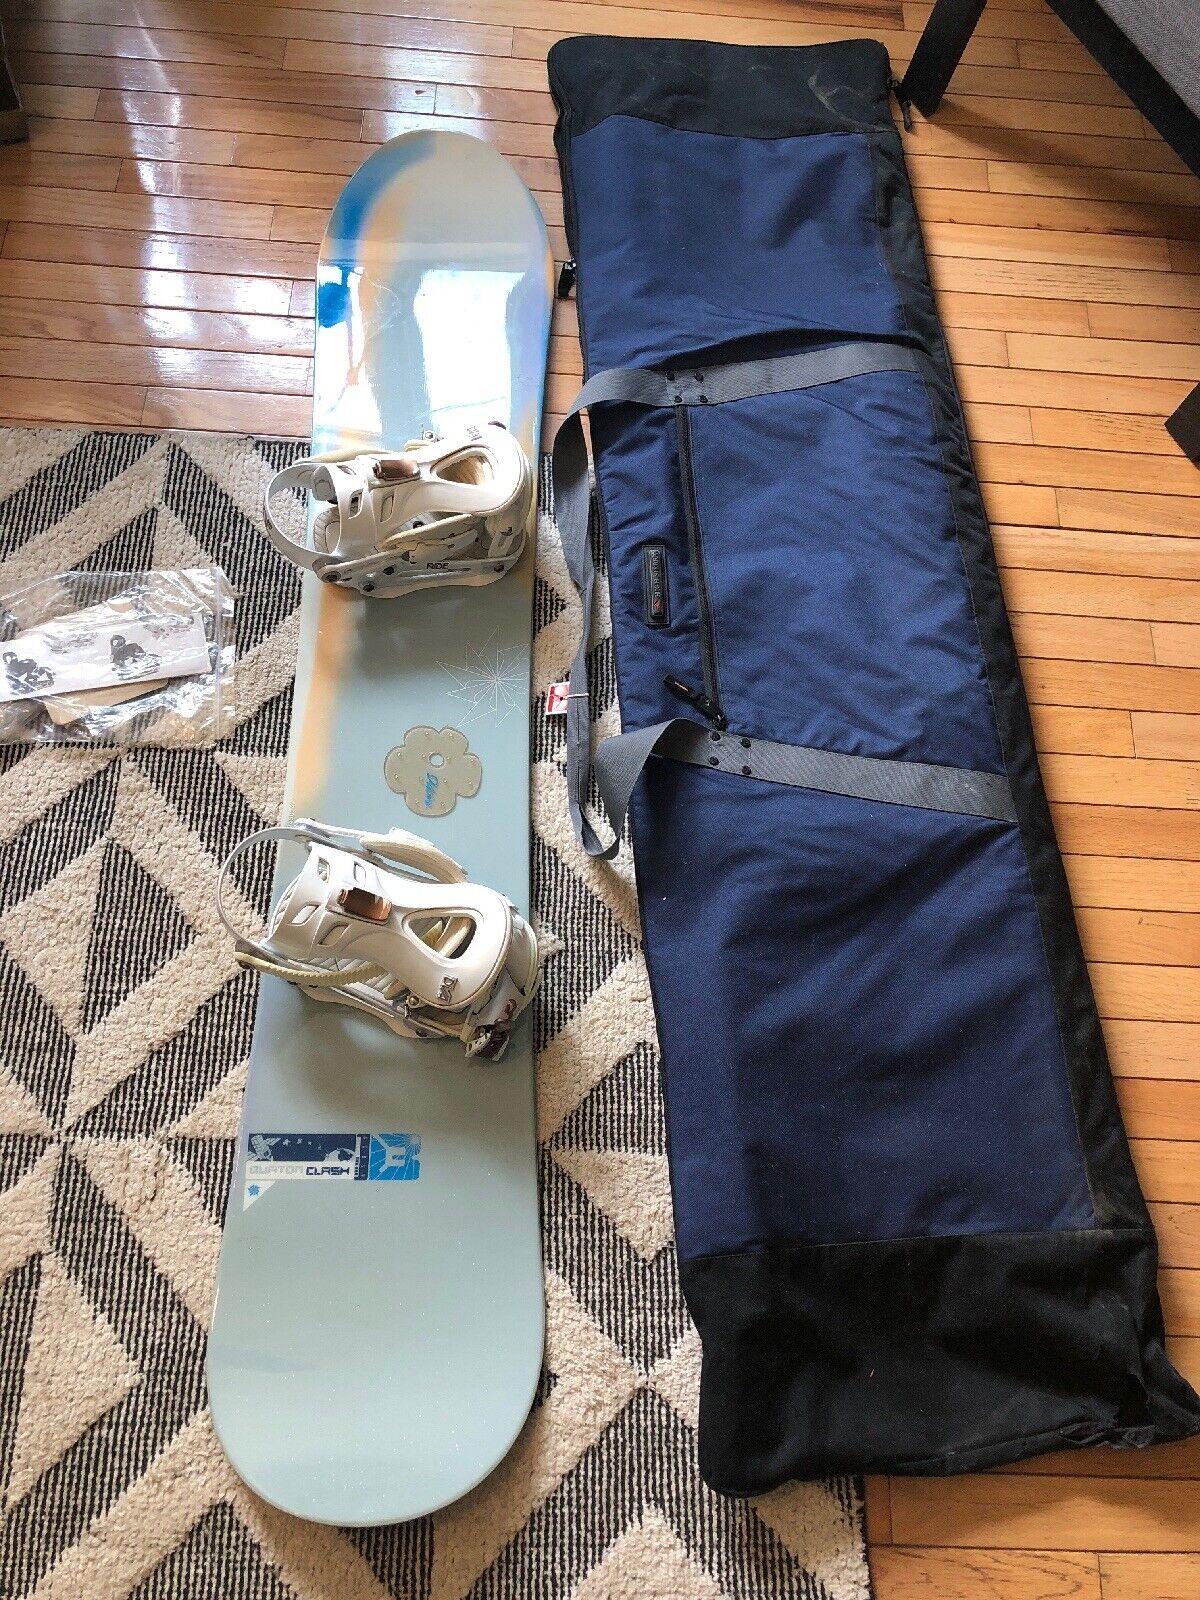 Burton Clash 53 Woherren Snowboard,153cm,Weiß Blau With DVA Ride Bindings Tasche